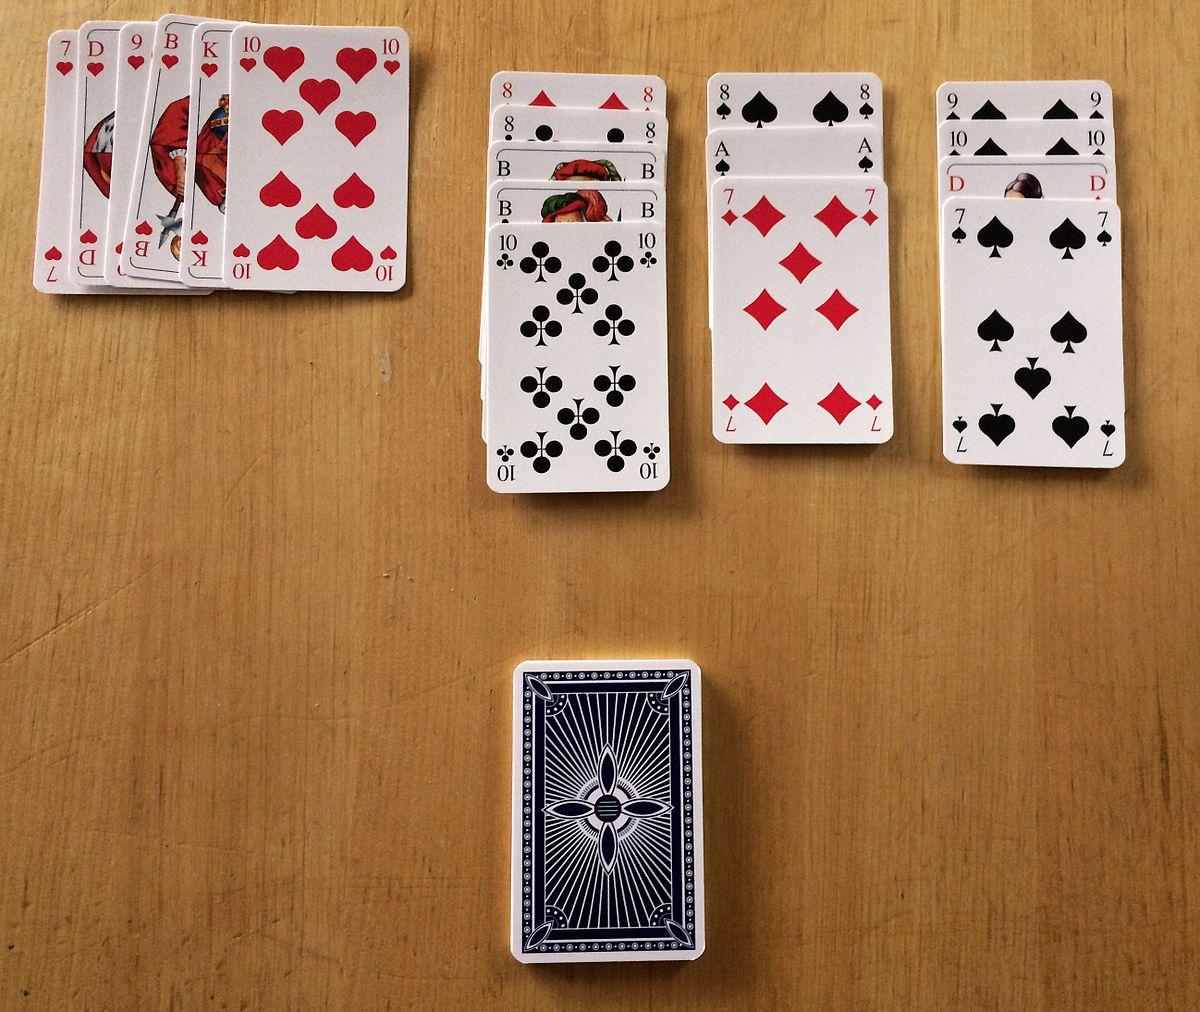 Kartenspiel Solitär Kostenlos